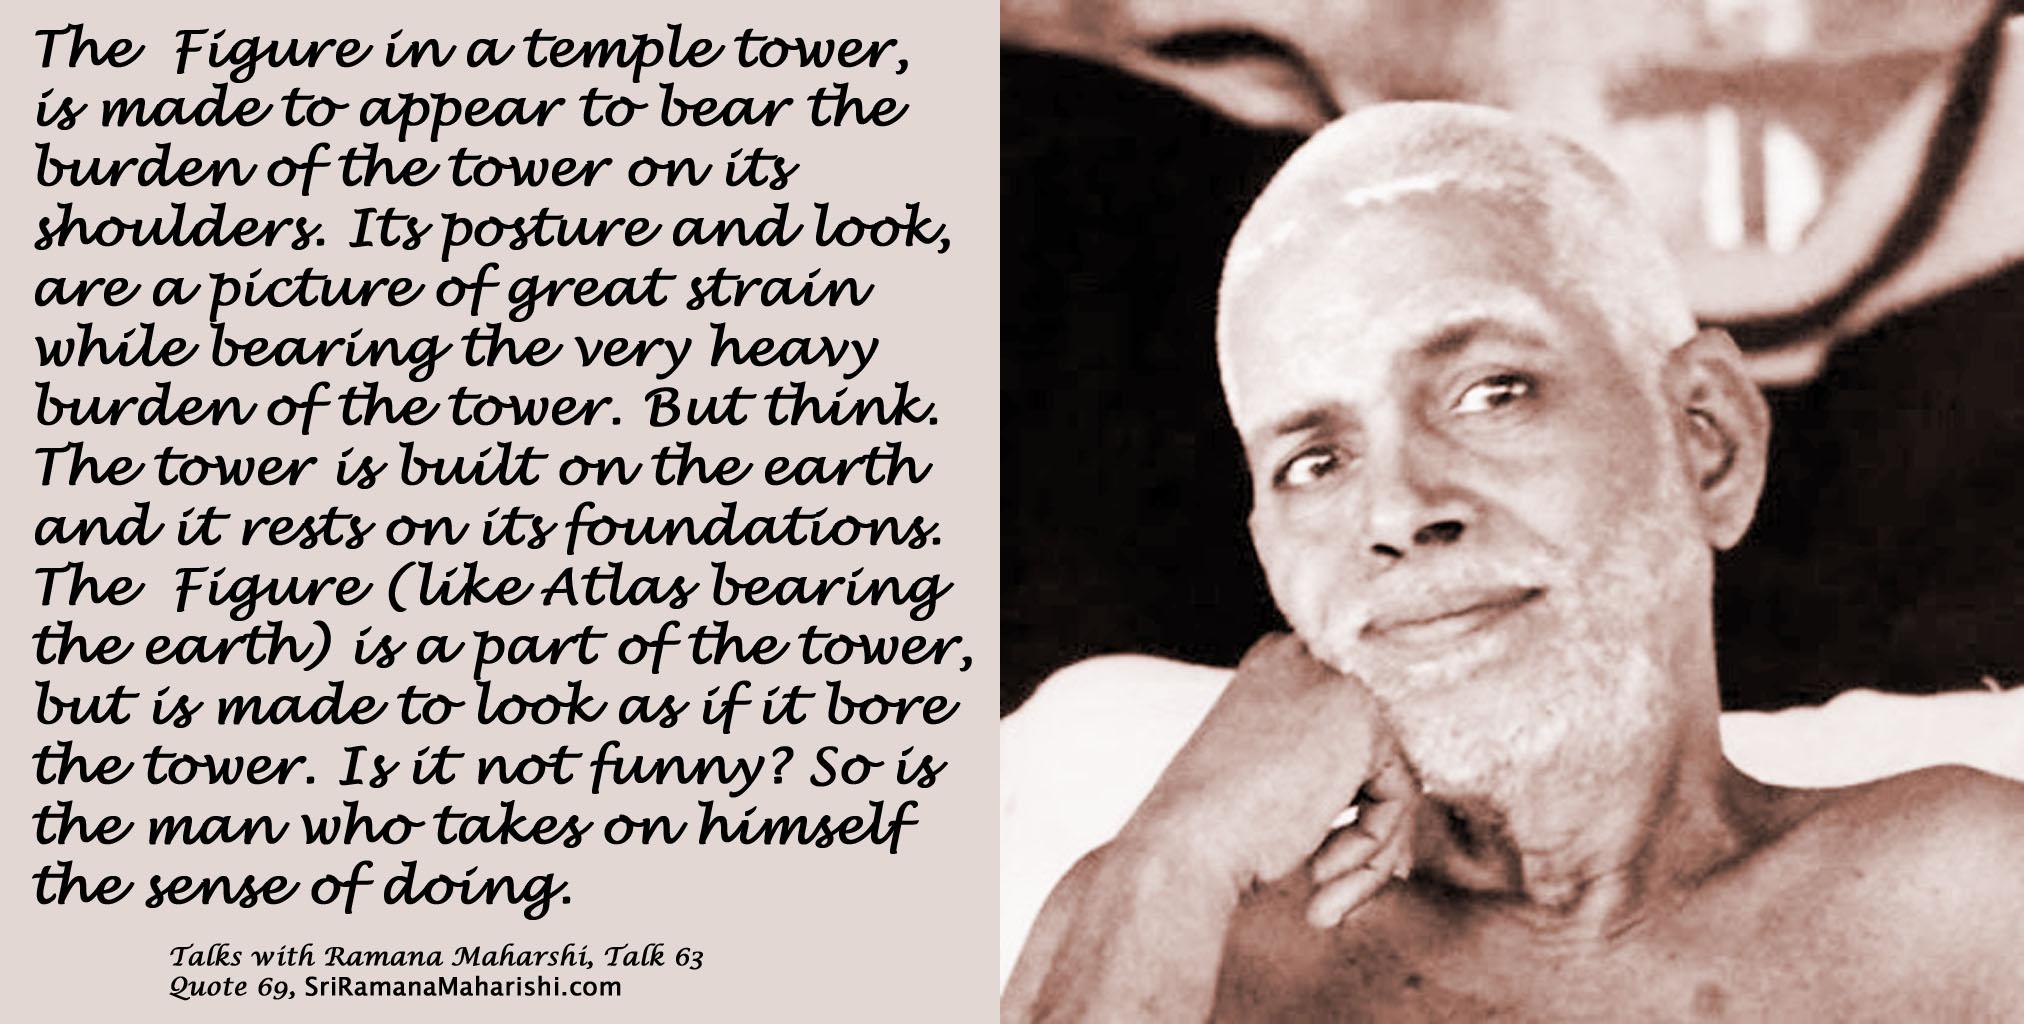 Ramana Maharshi Quote 69